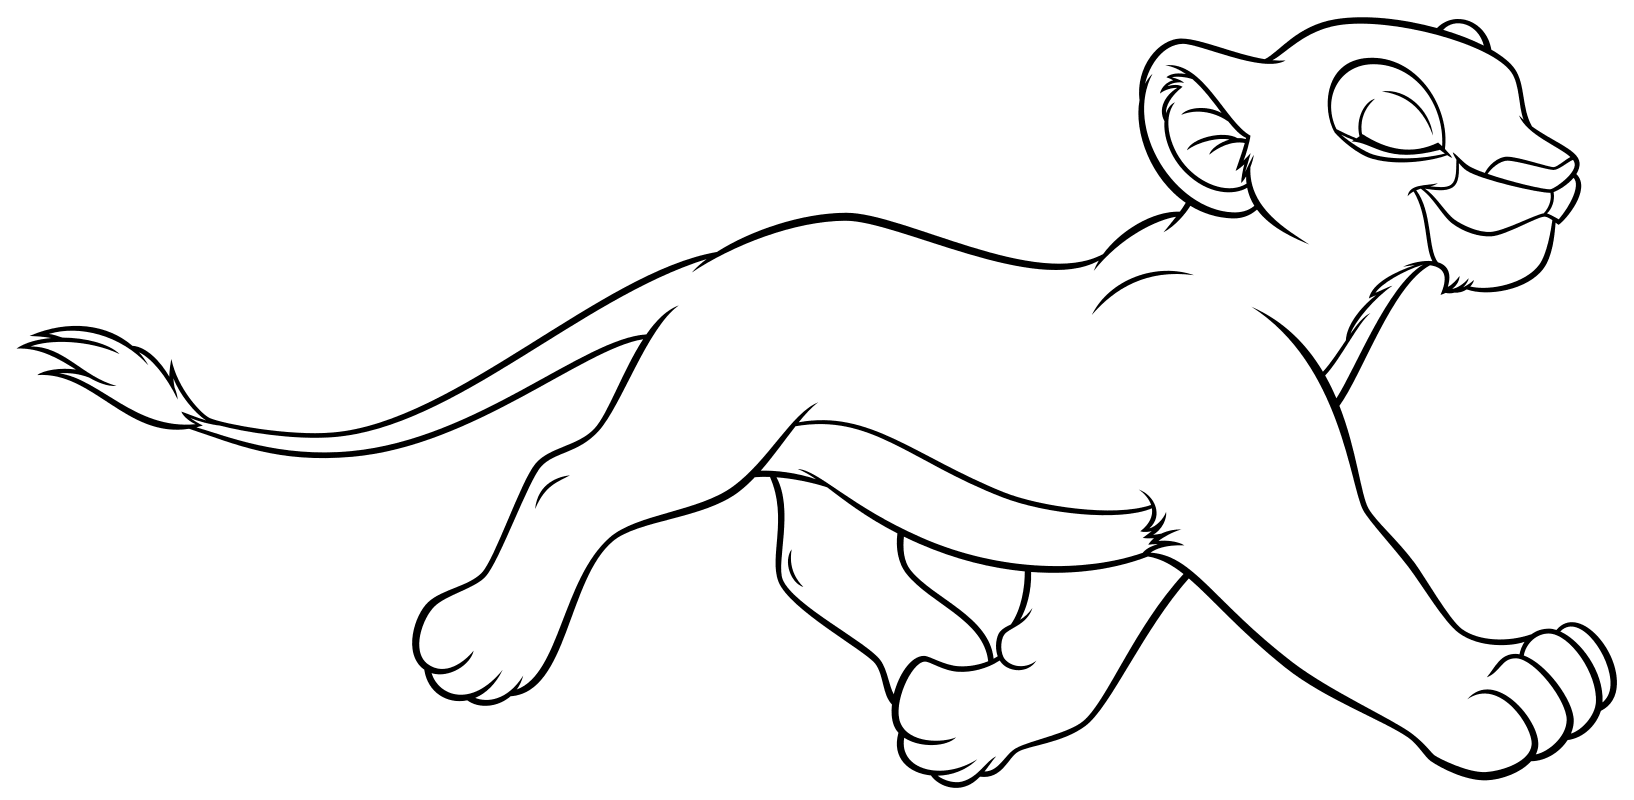 Король лев раскраска для девочек и мальчиков